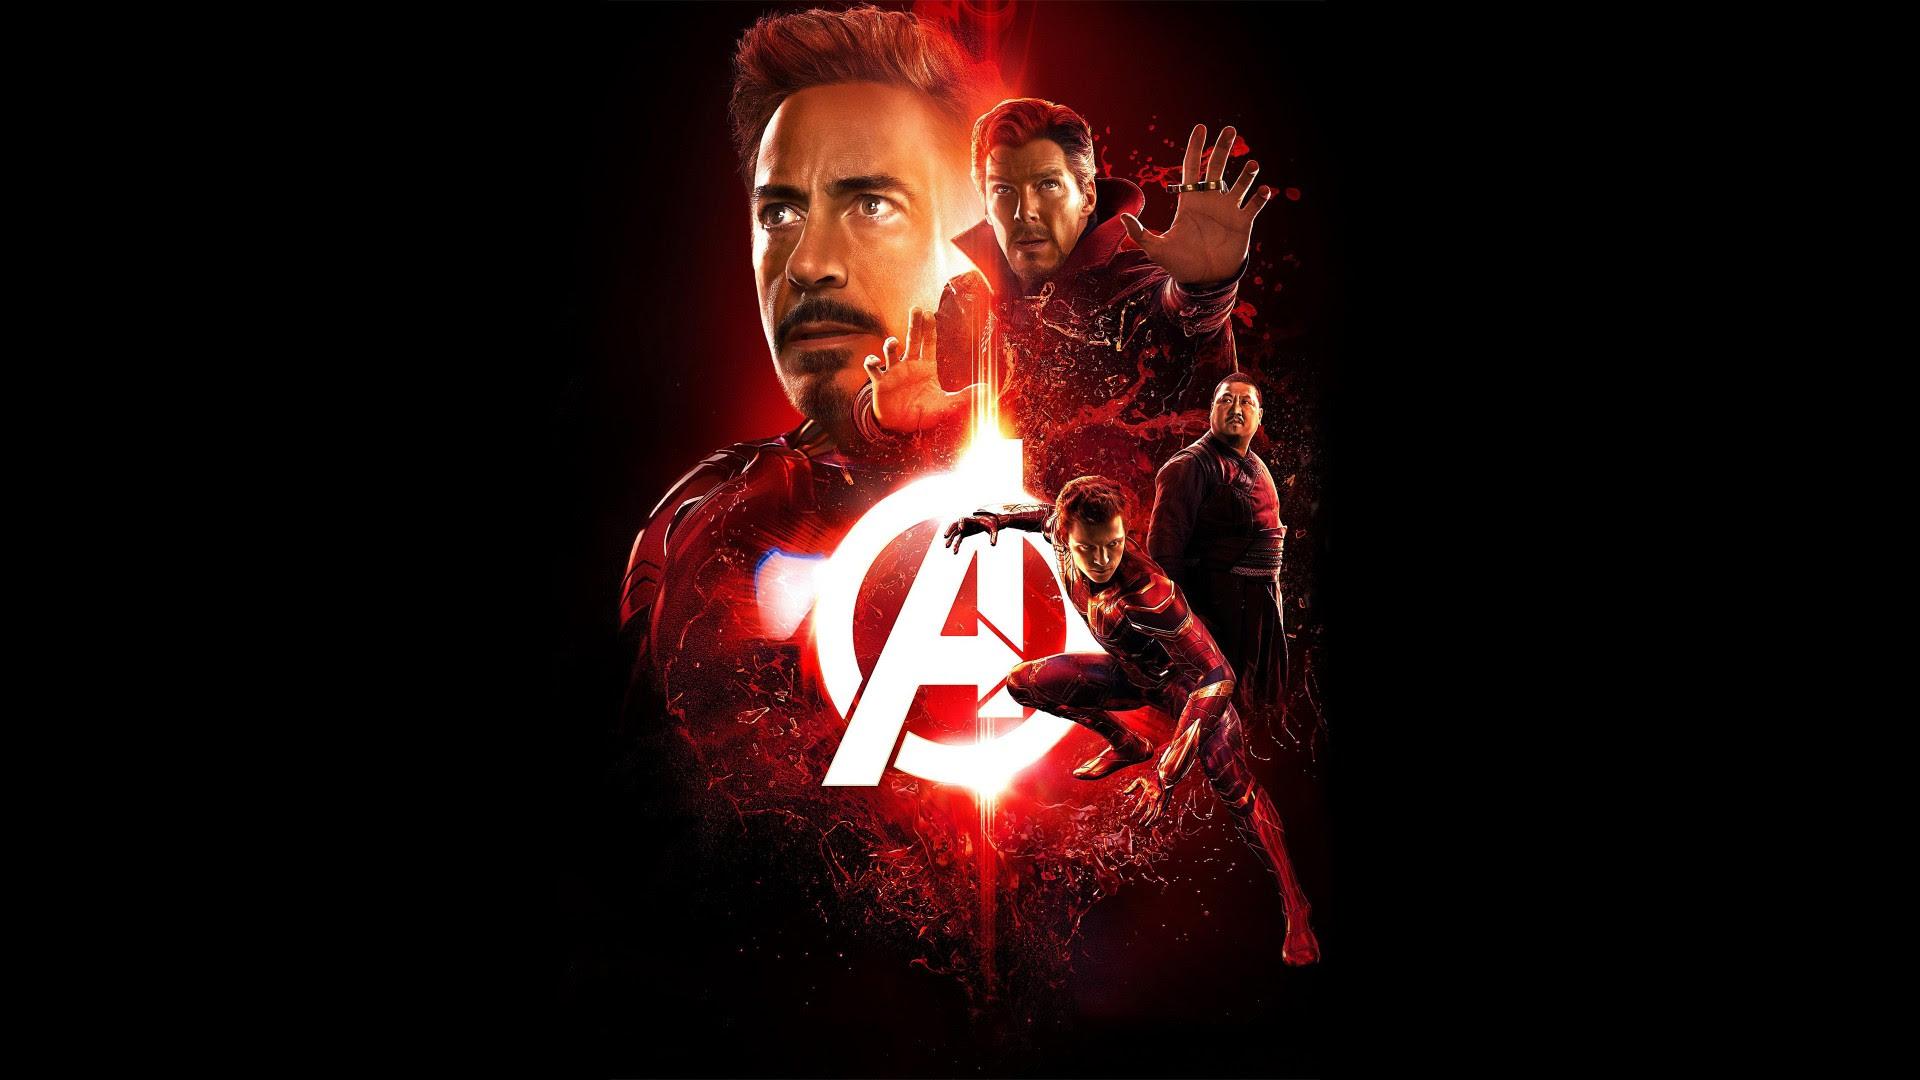 Avenger Infinity War Full Hd Wallpaper